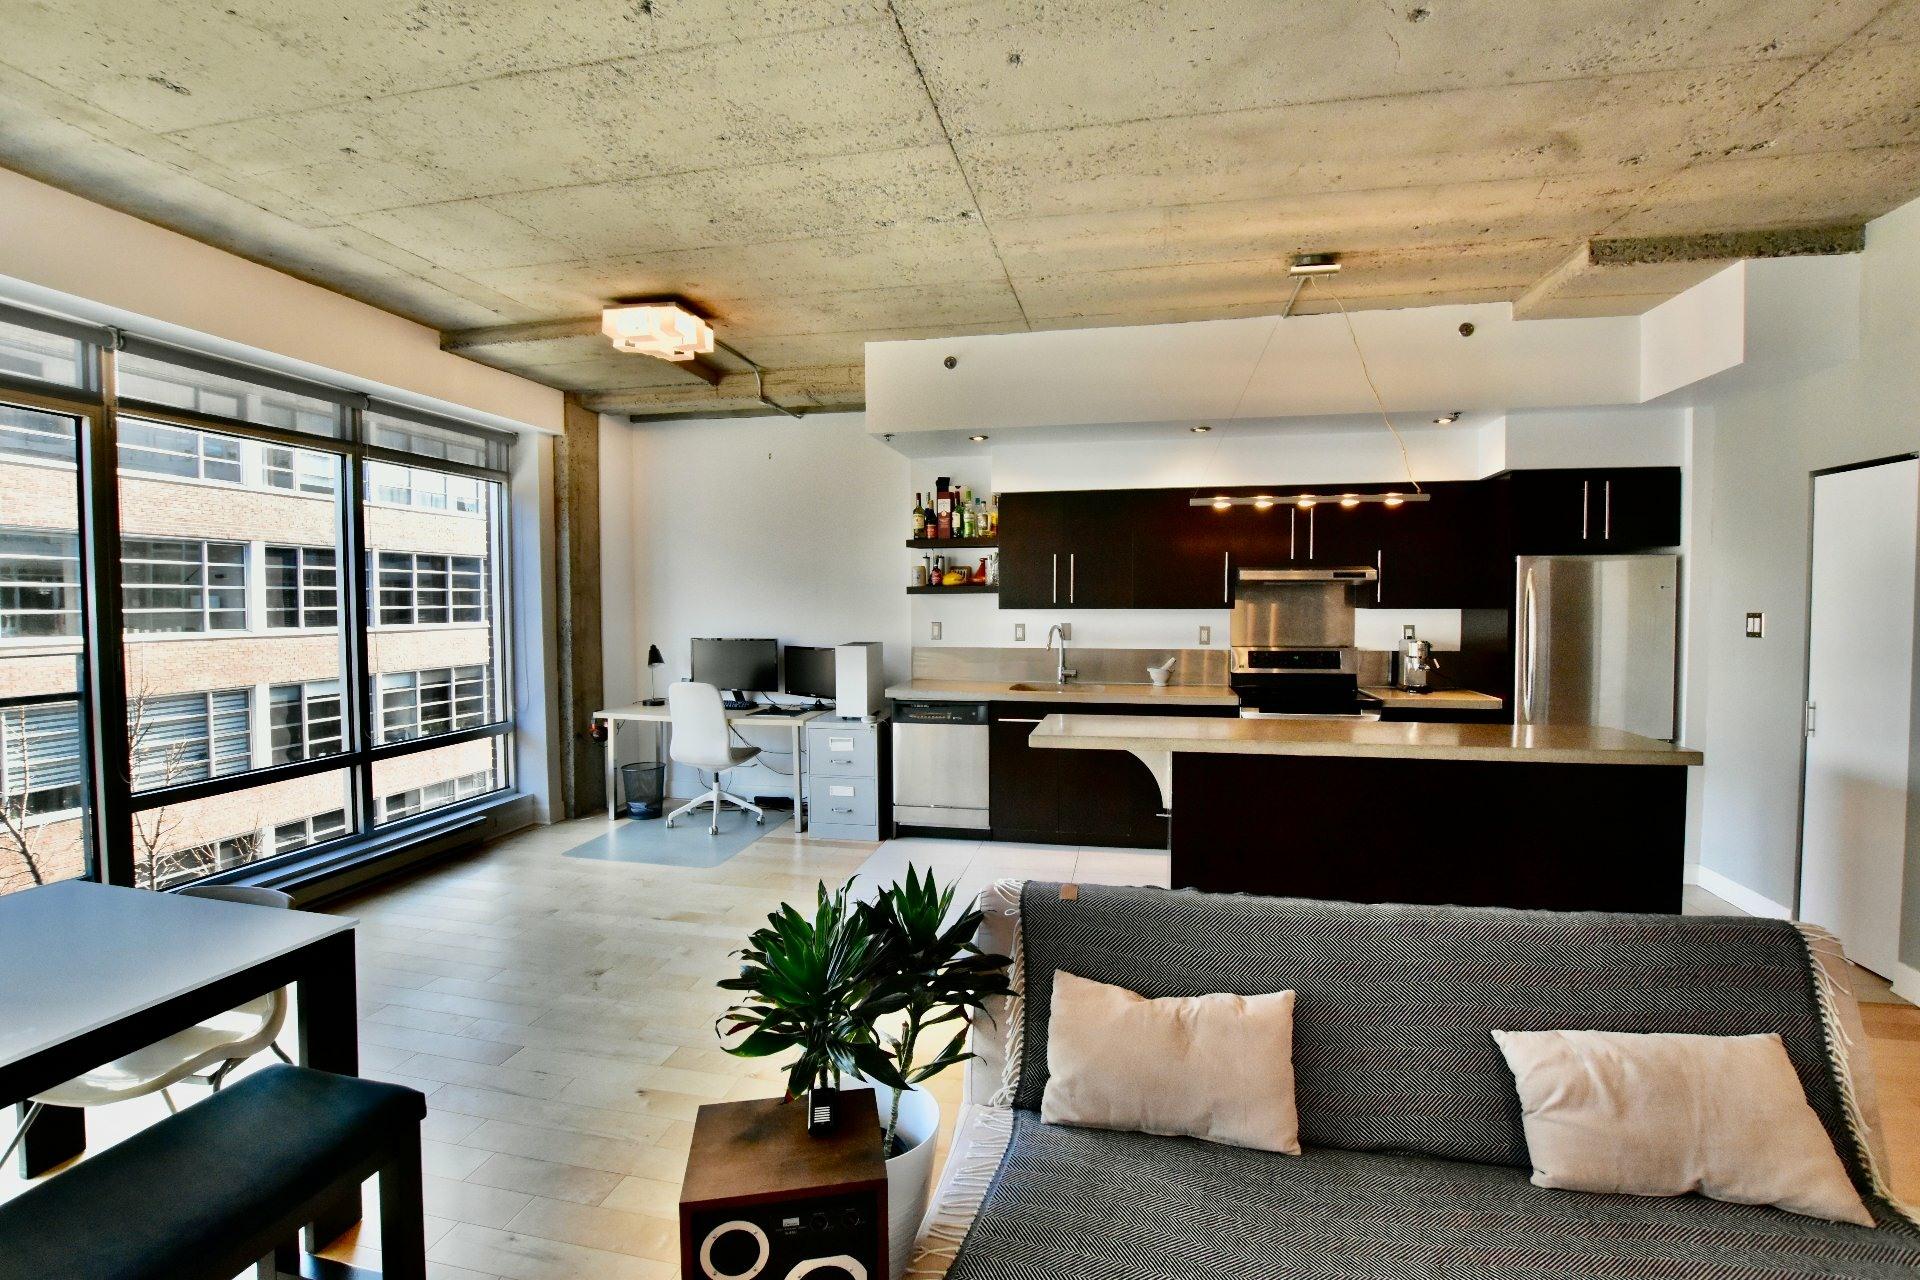 image 2 - Apartment For rent Villeray/Saint-Michel/Parc-Extension Montréal  - 5 rooms